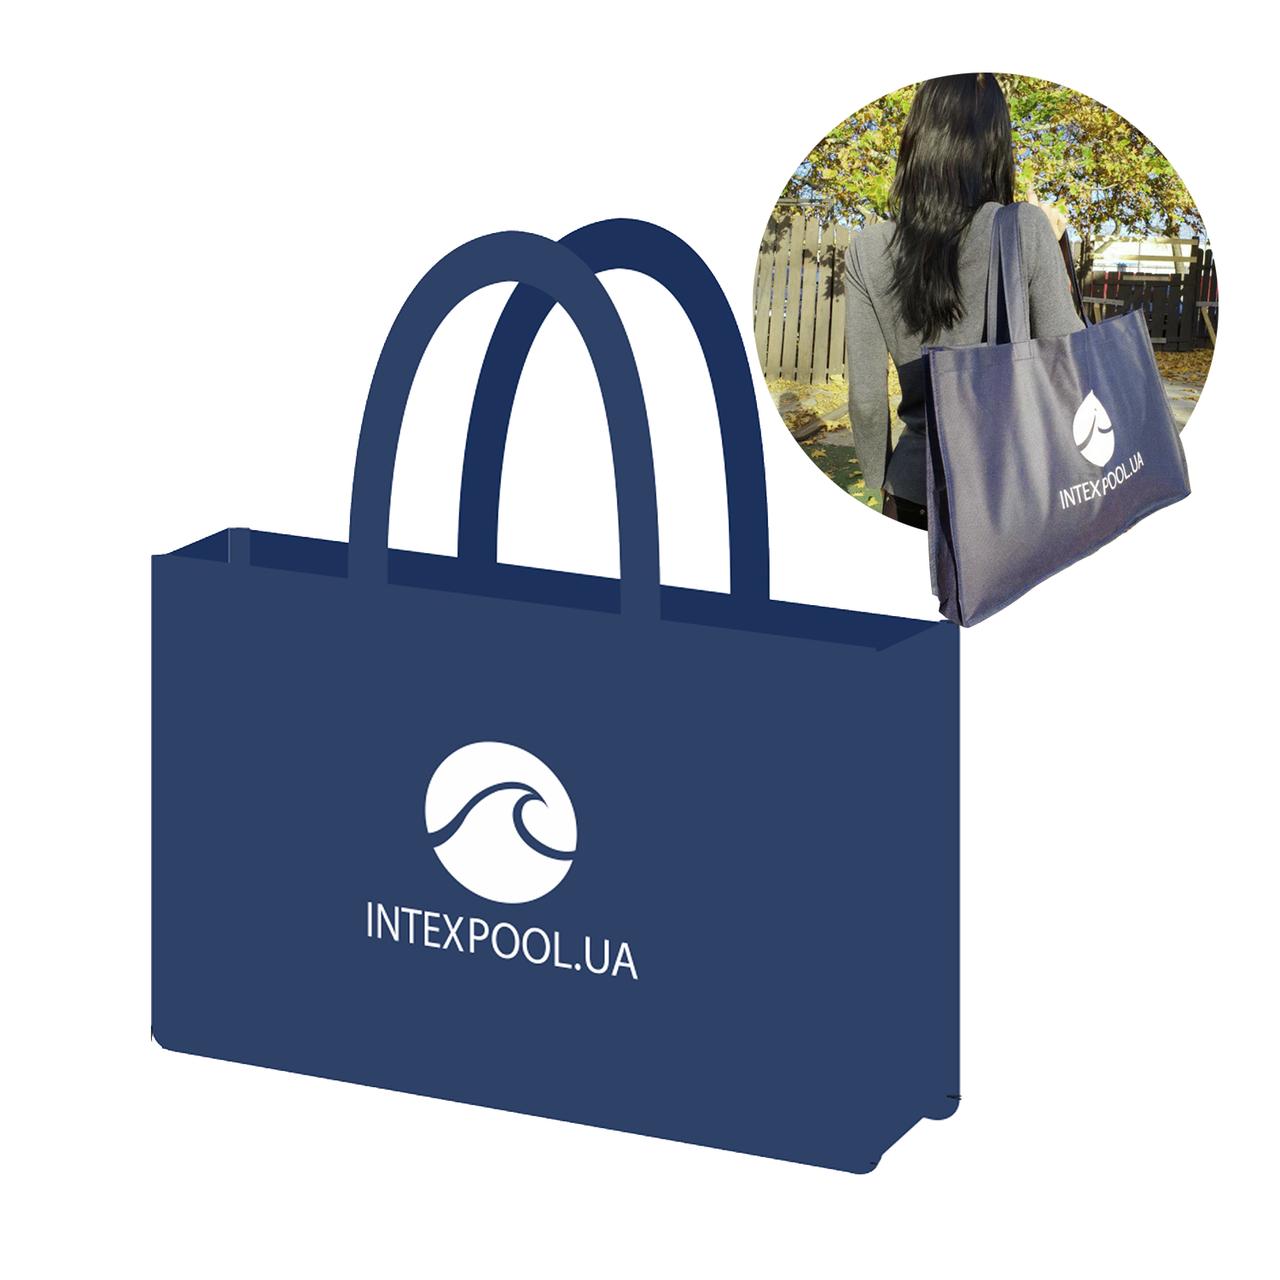 Еко - сумка «Ексклюзив» Intex 44408 для зберігання матраців, ліжок і пляжних аксесуарів